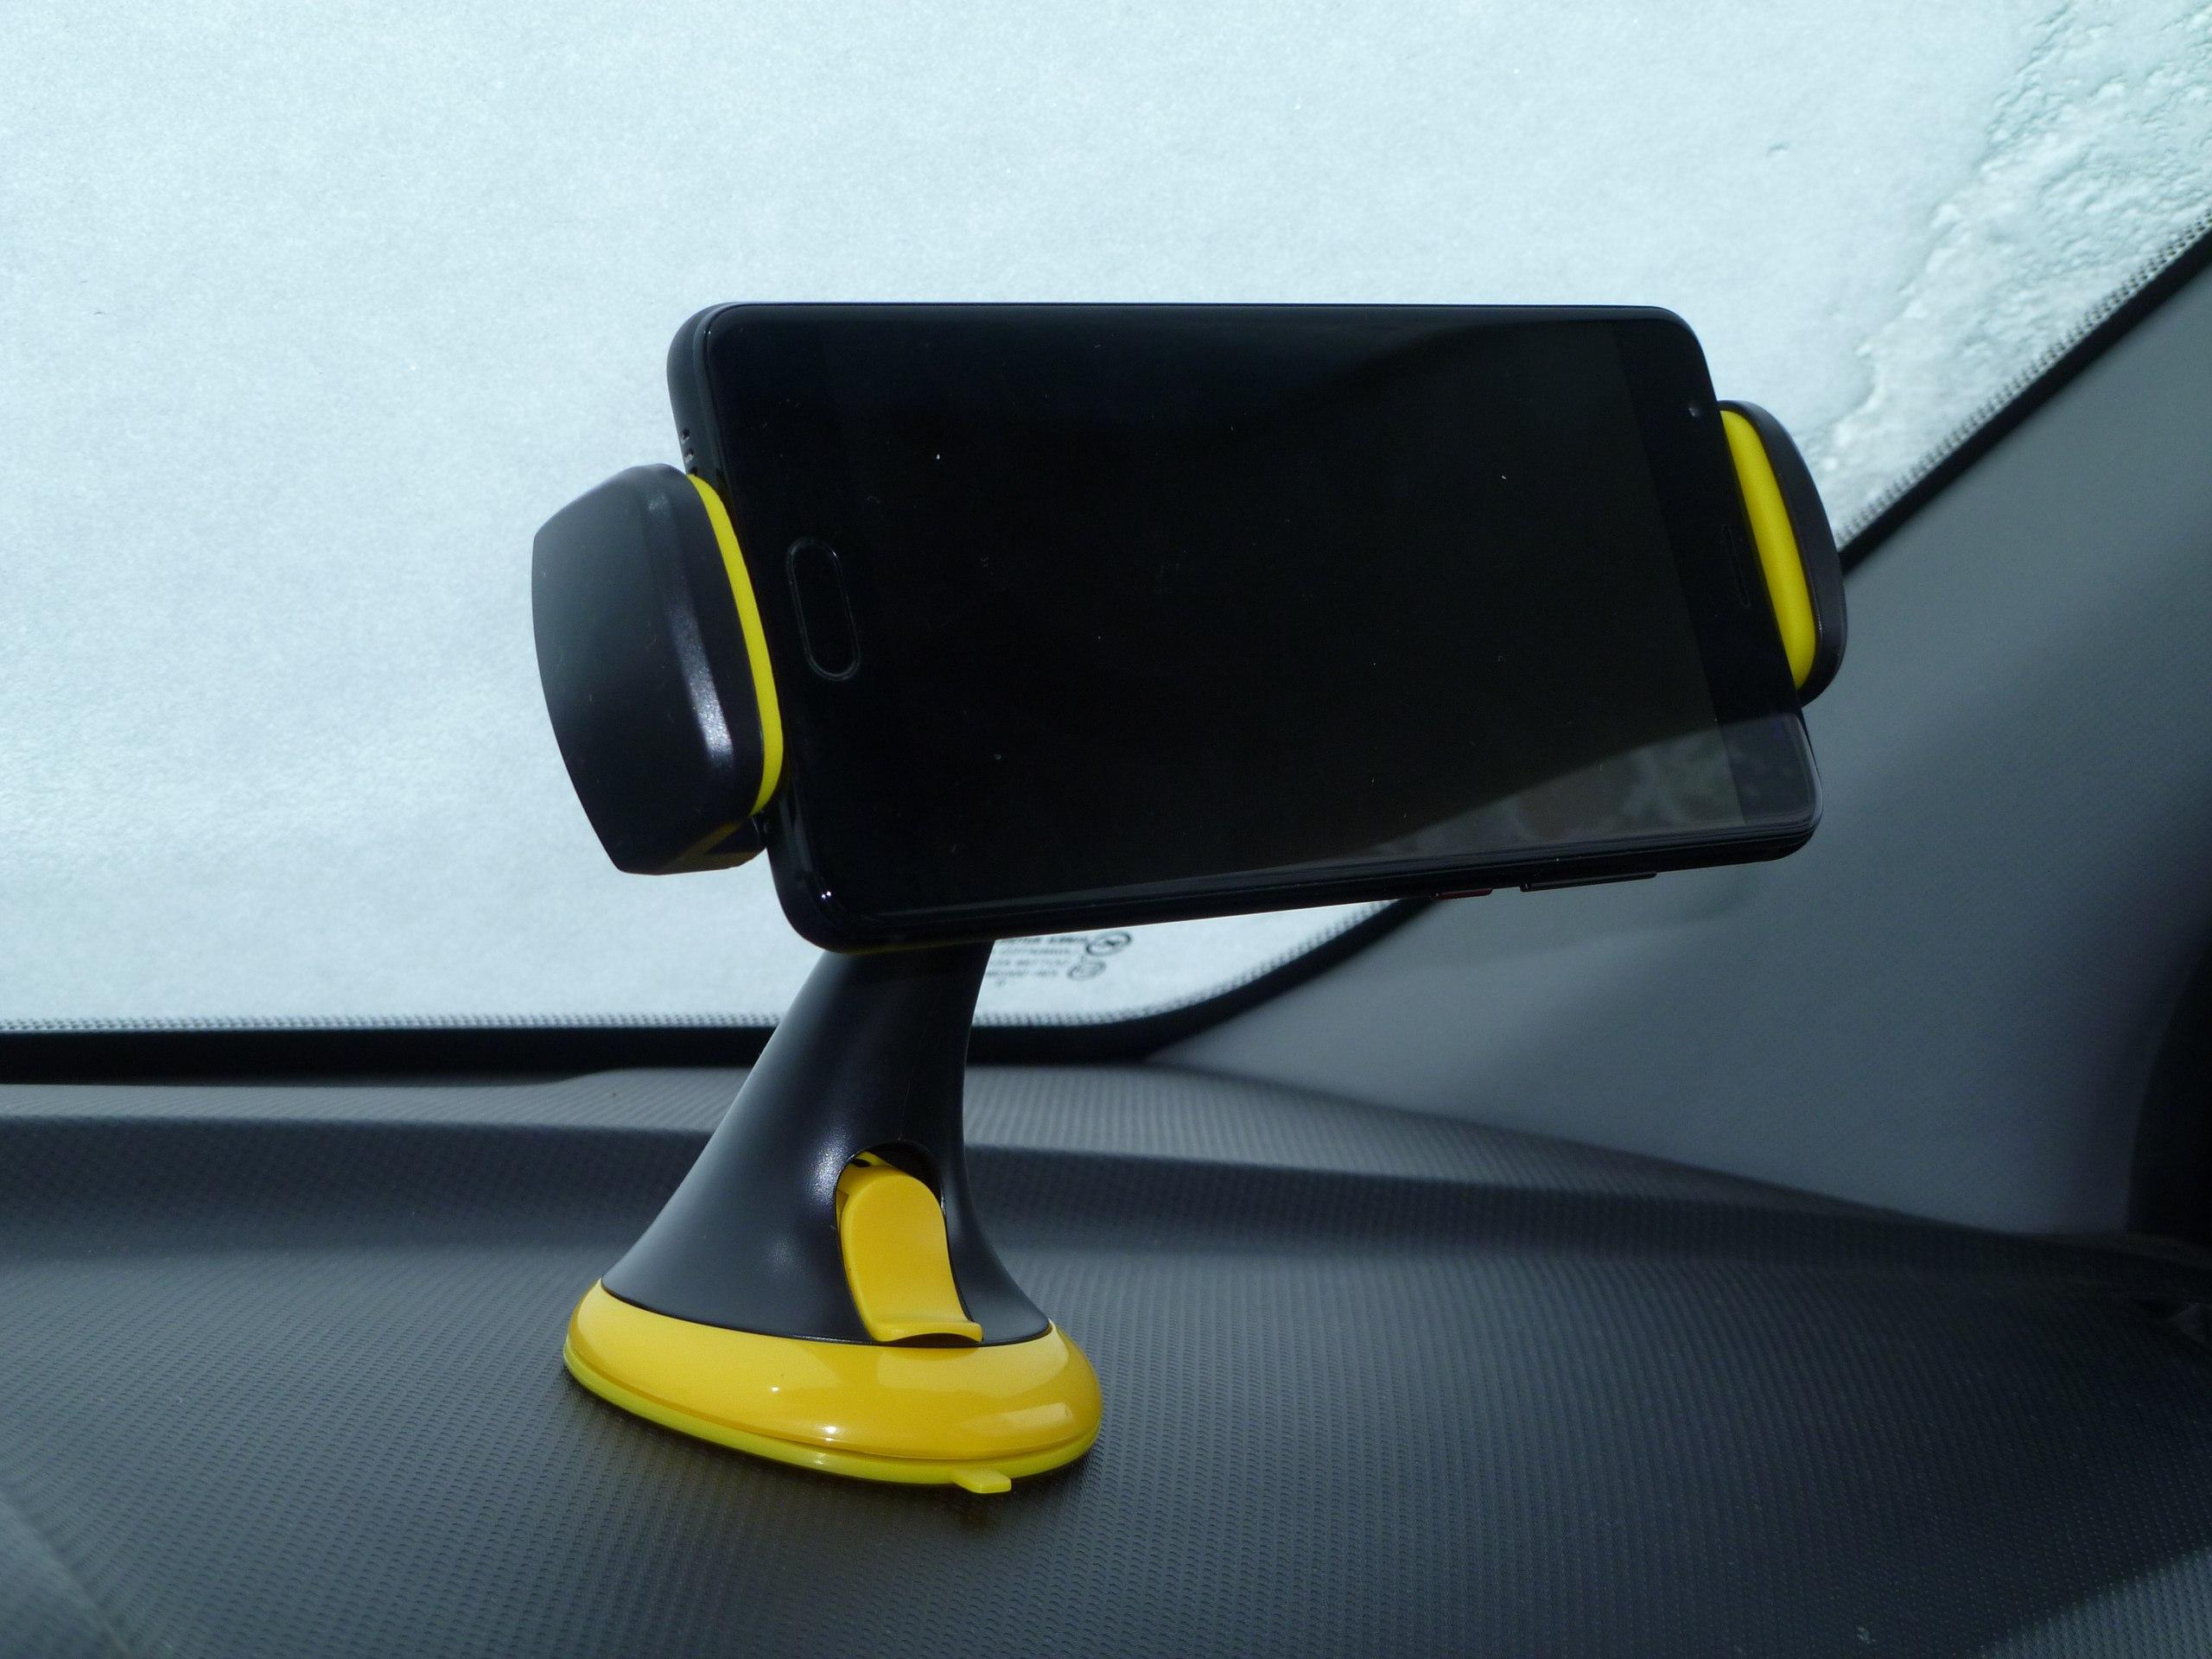 Всем привет Обзор на очень полезные штуки для смартфона и планшета док-станция для любых iOS-устройств с разъемом Lightn